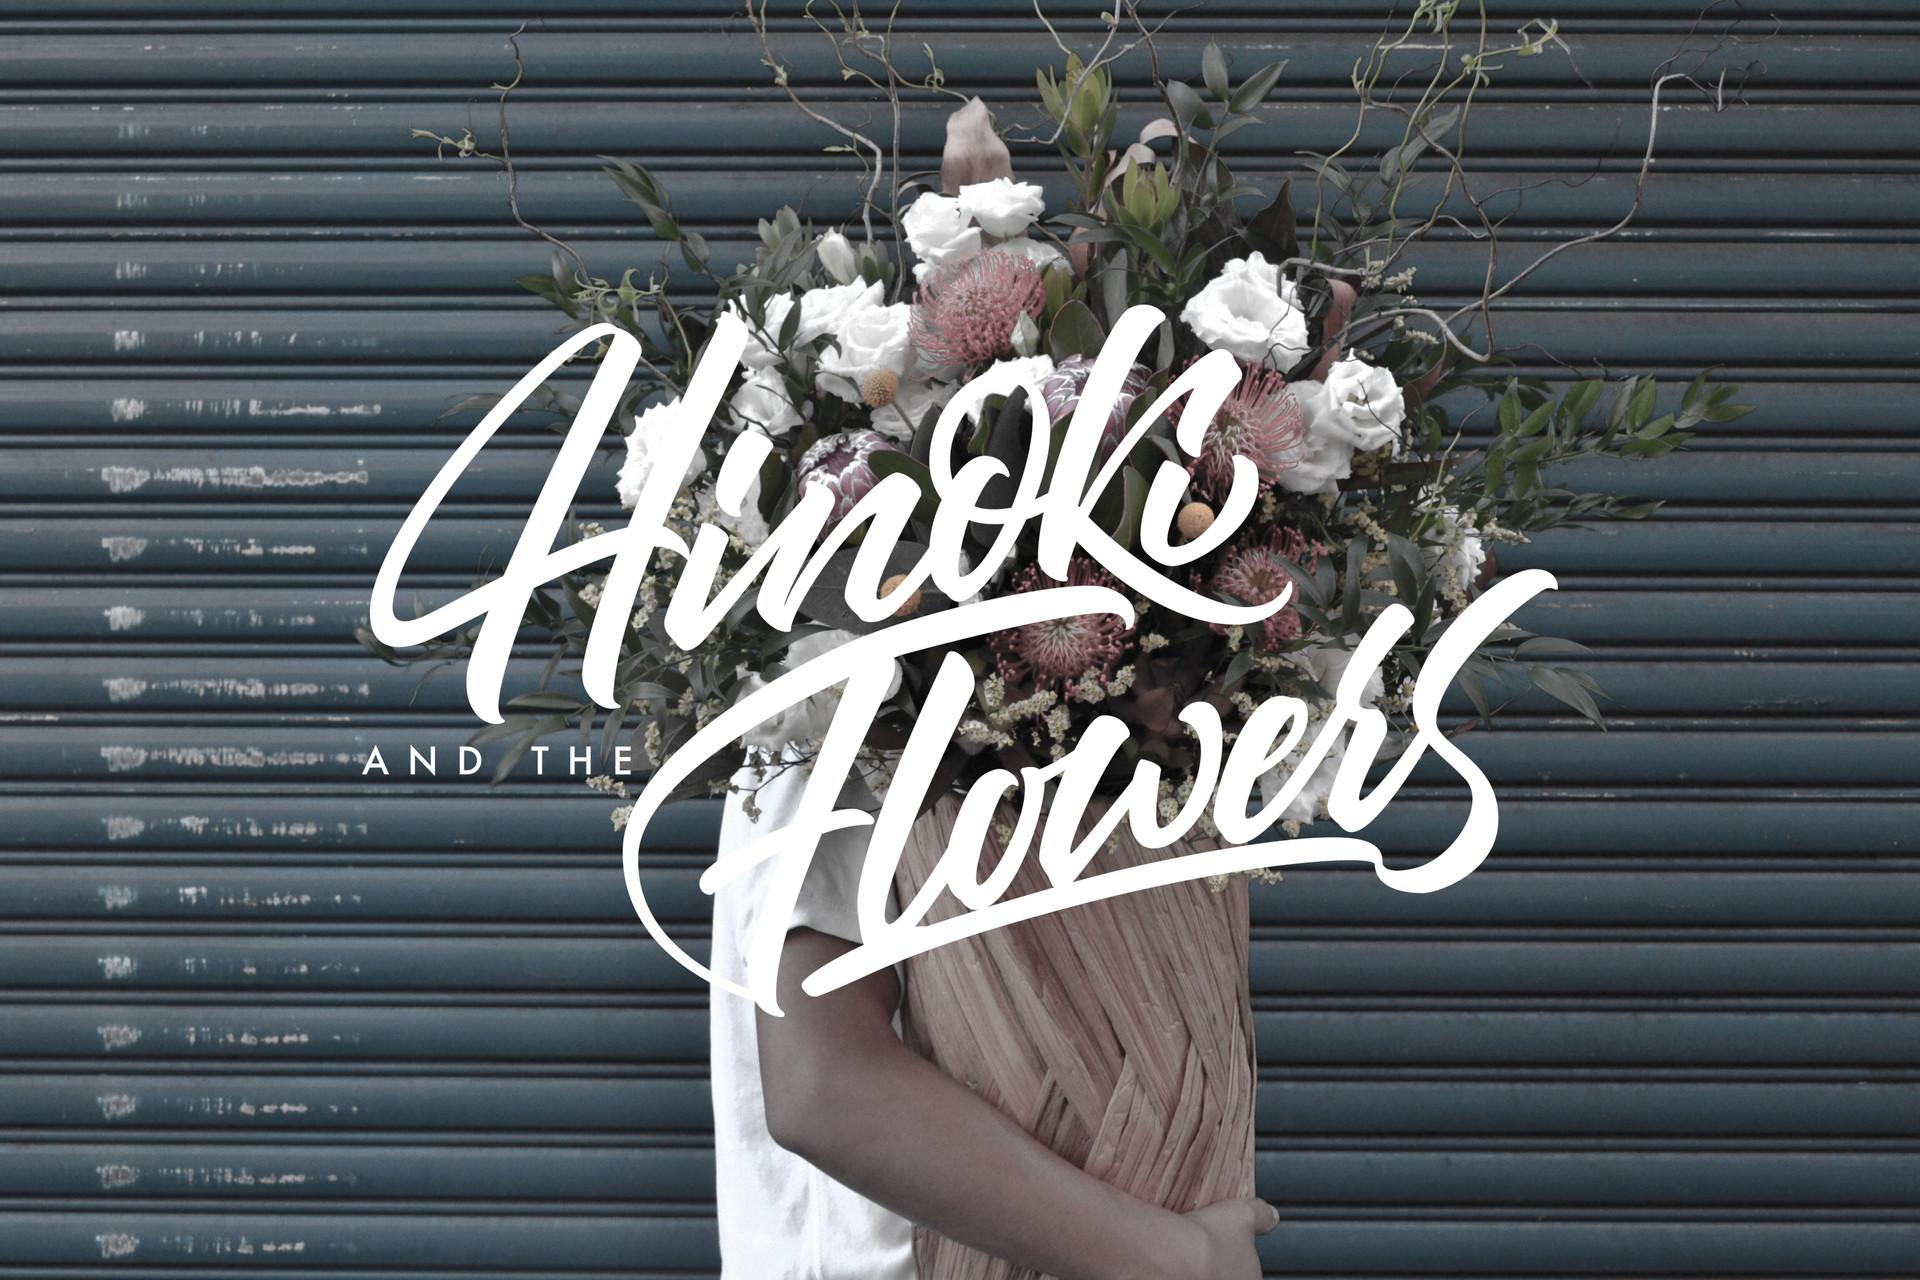 hinokiandflowers.jpg